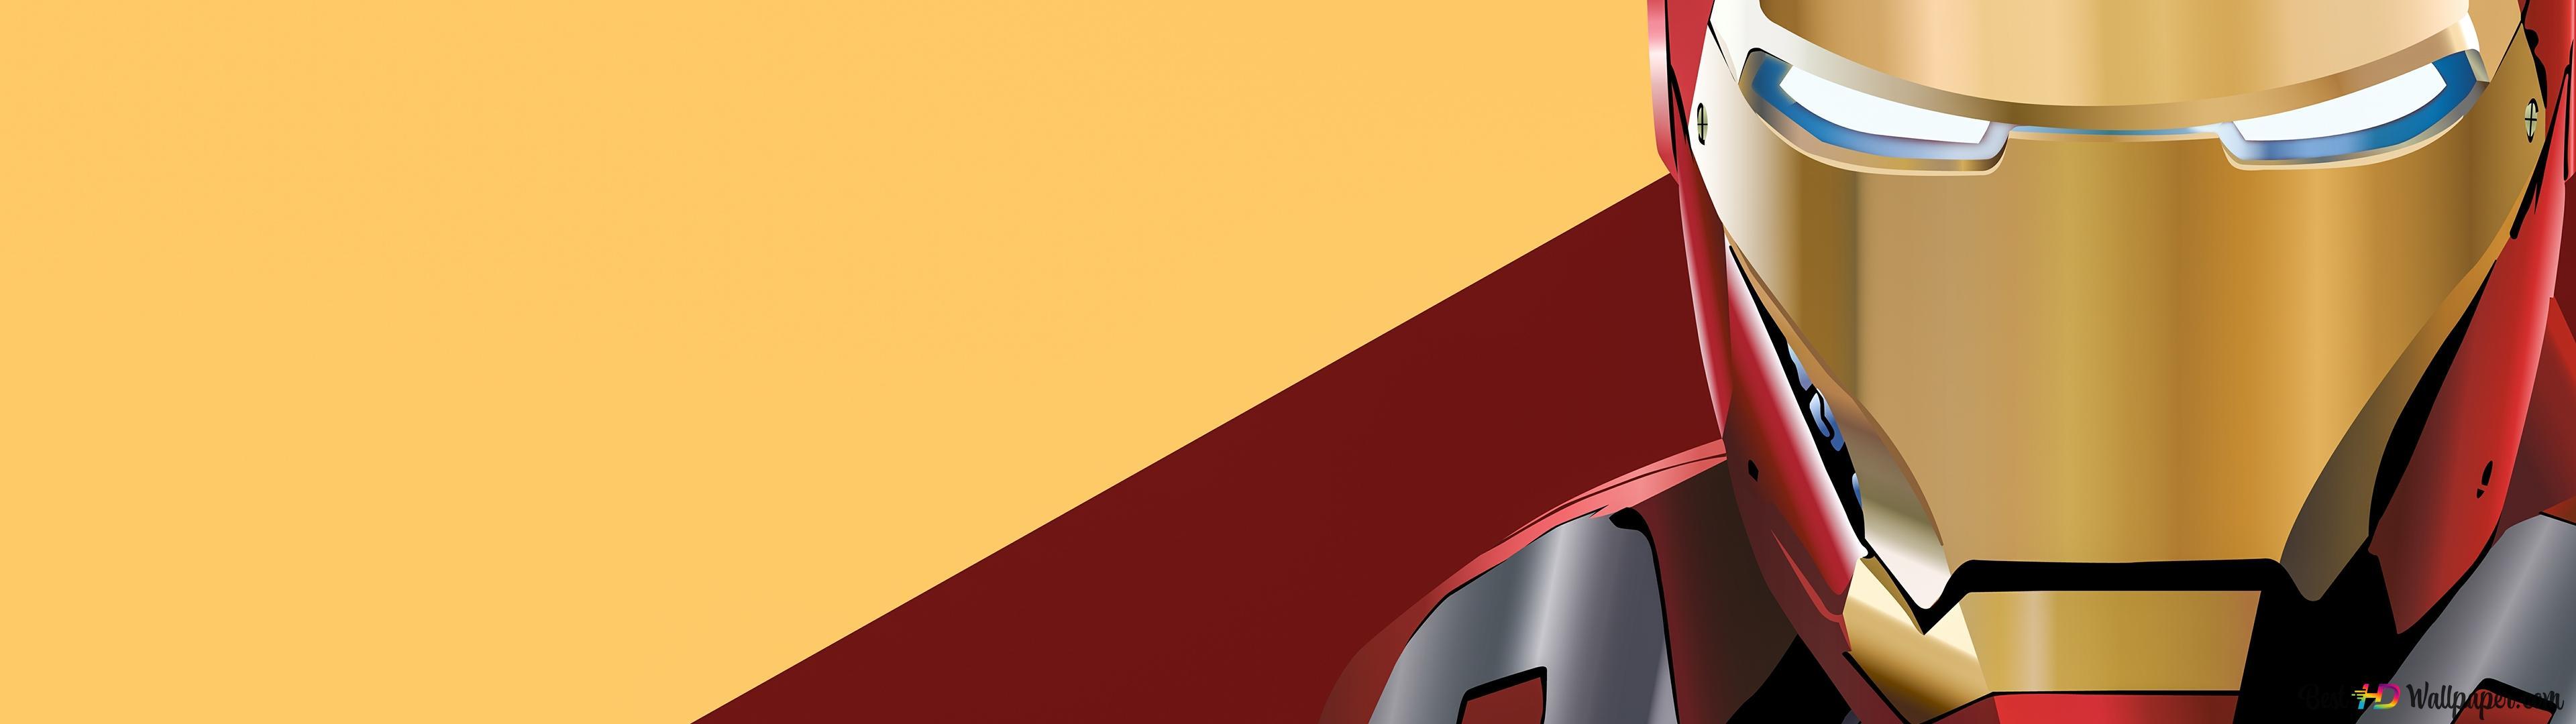 Iron Man Marvel Comics Hd Wallpaper Download